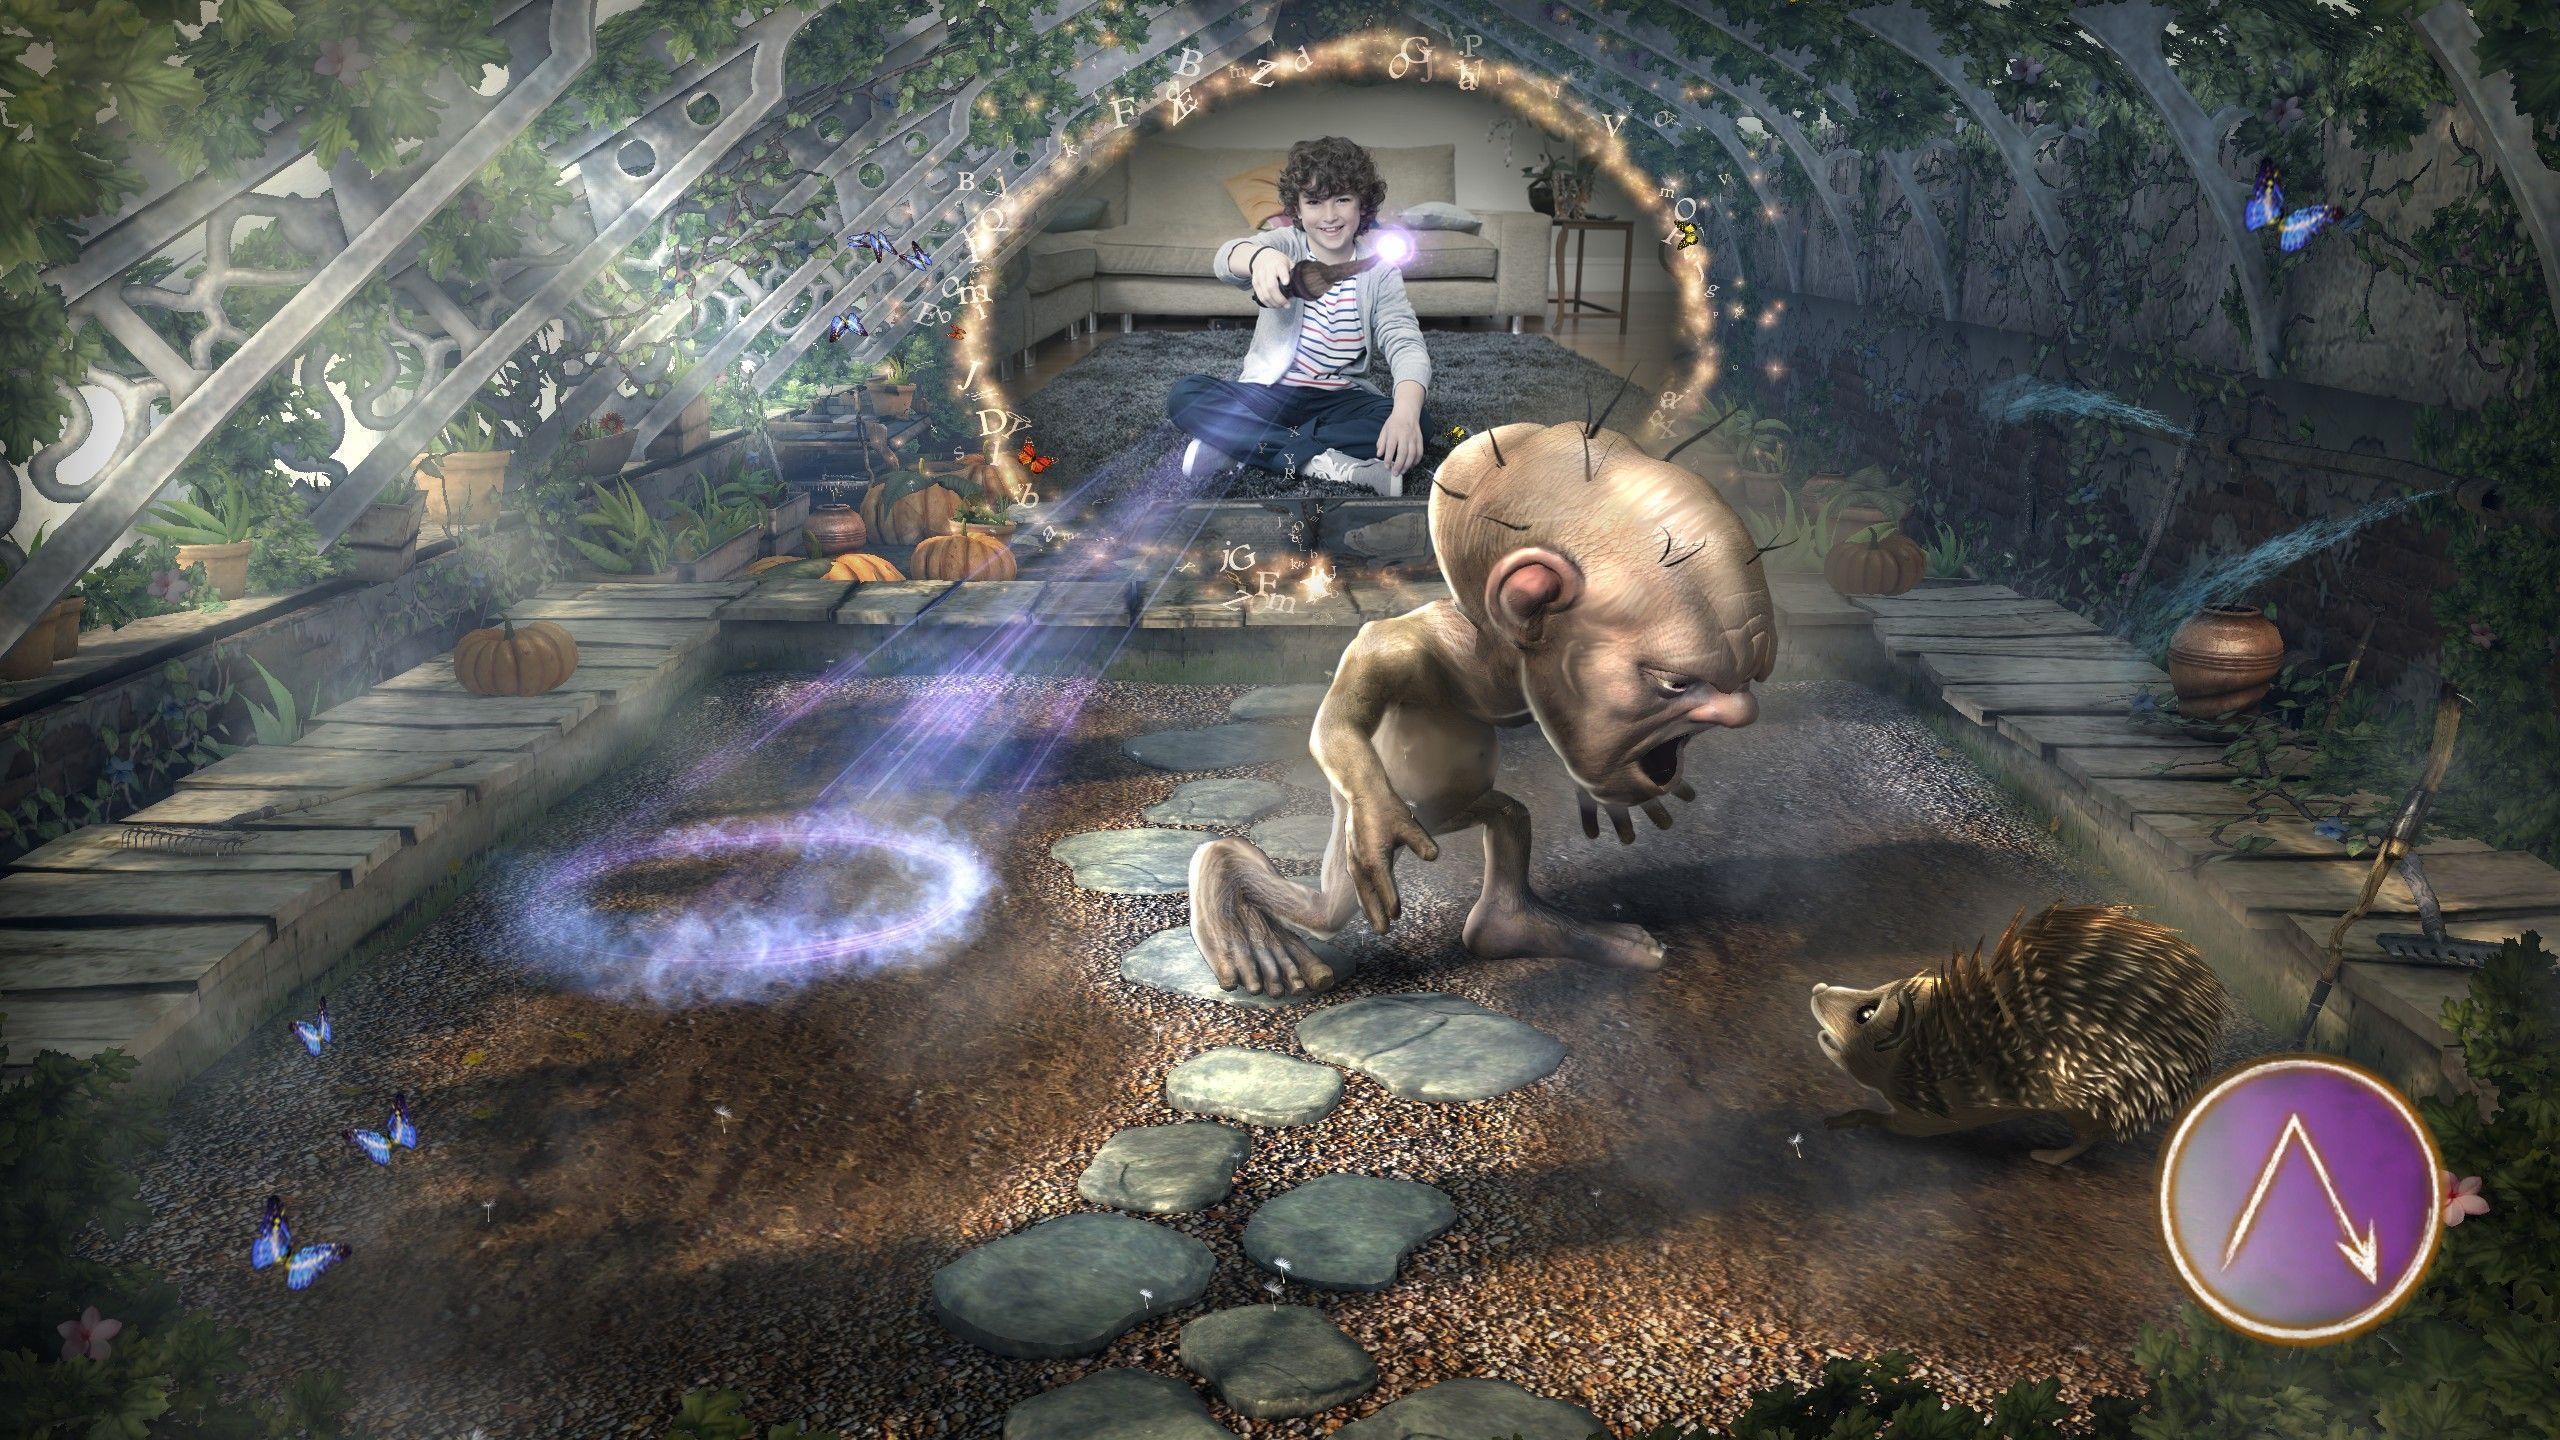 Wondebook skaper en tredimensjonal virkelighet på en todimensjonal skjerm.Foto: Sony PlayStation